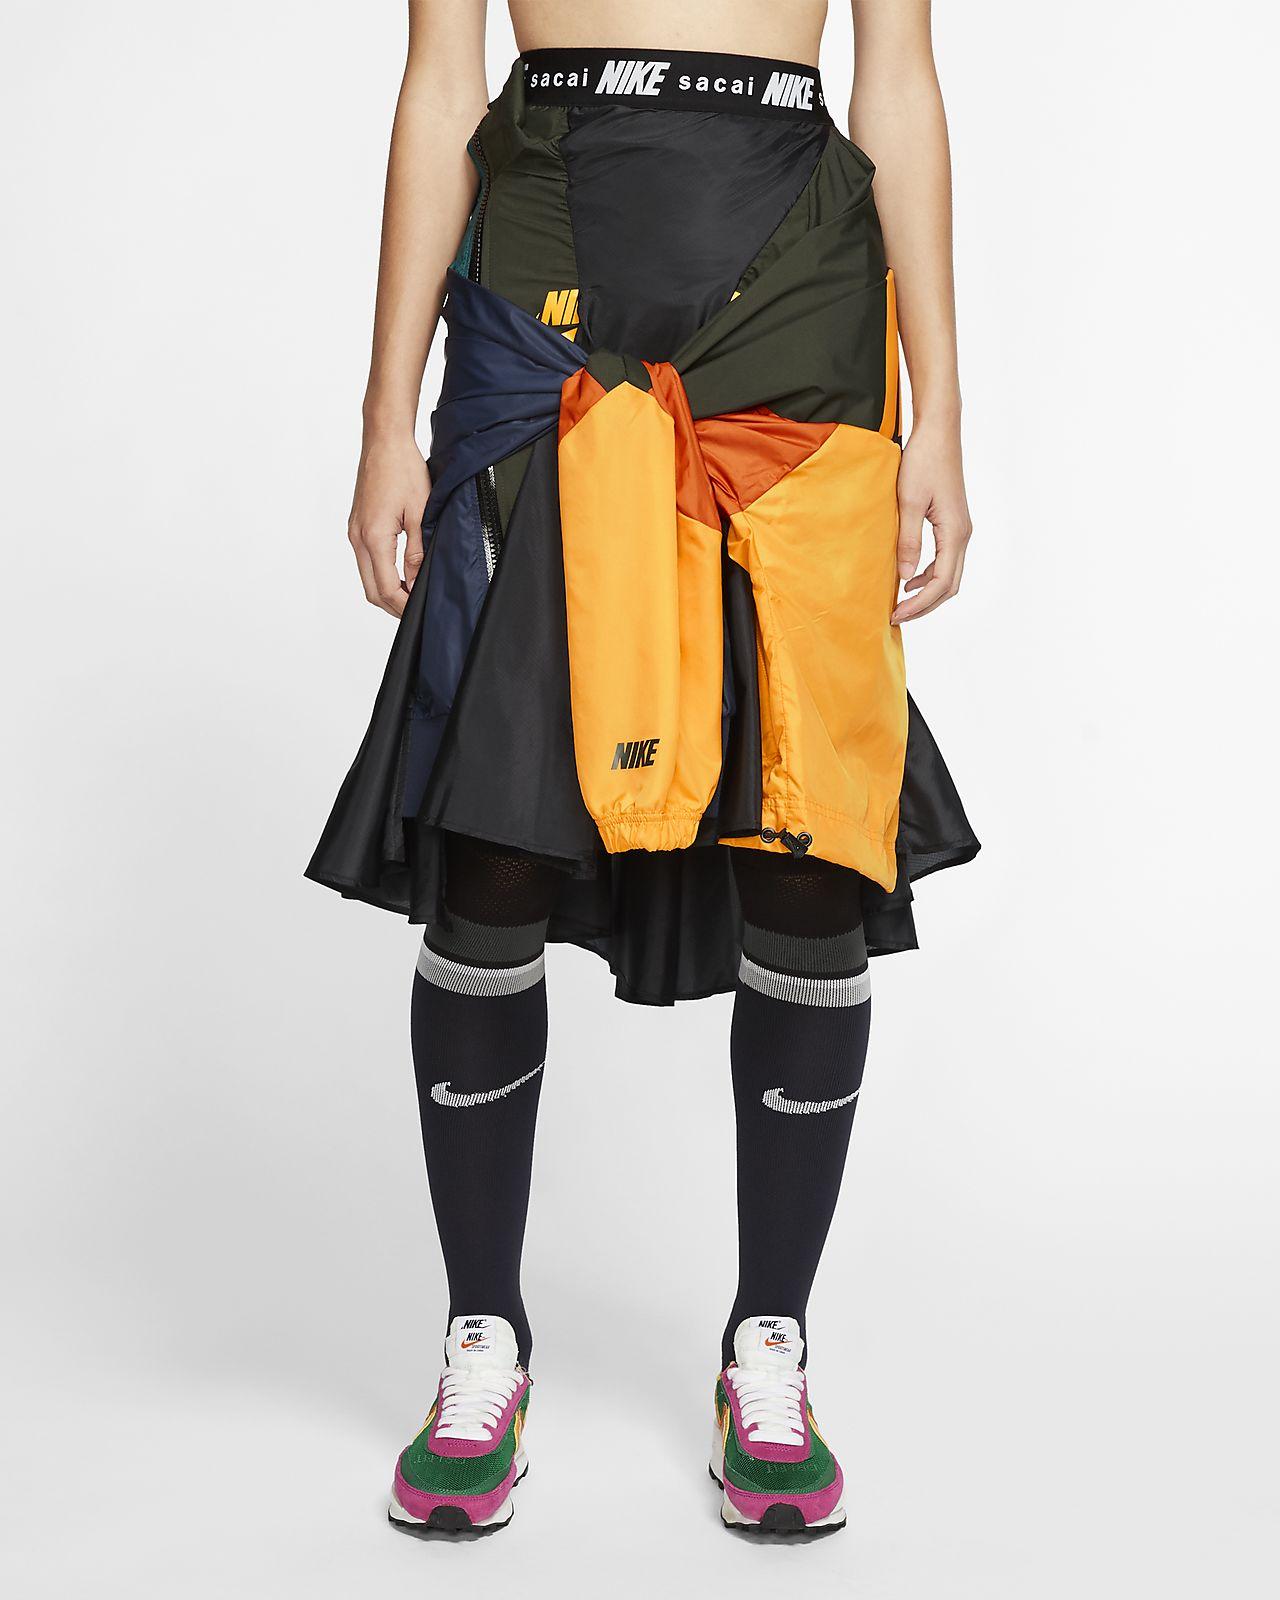 ナイキ x sacai ウィメンズスカート